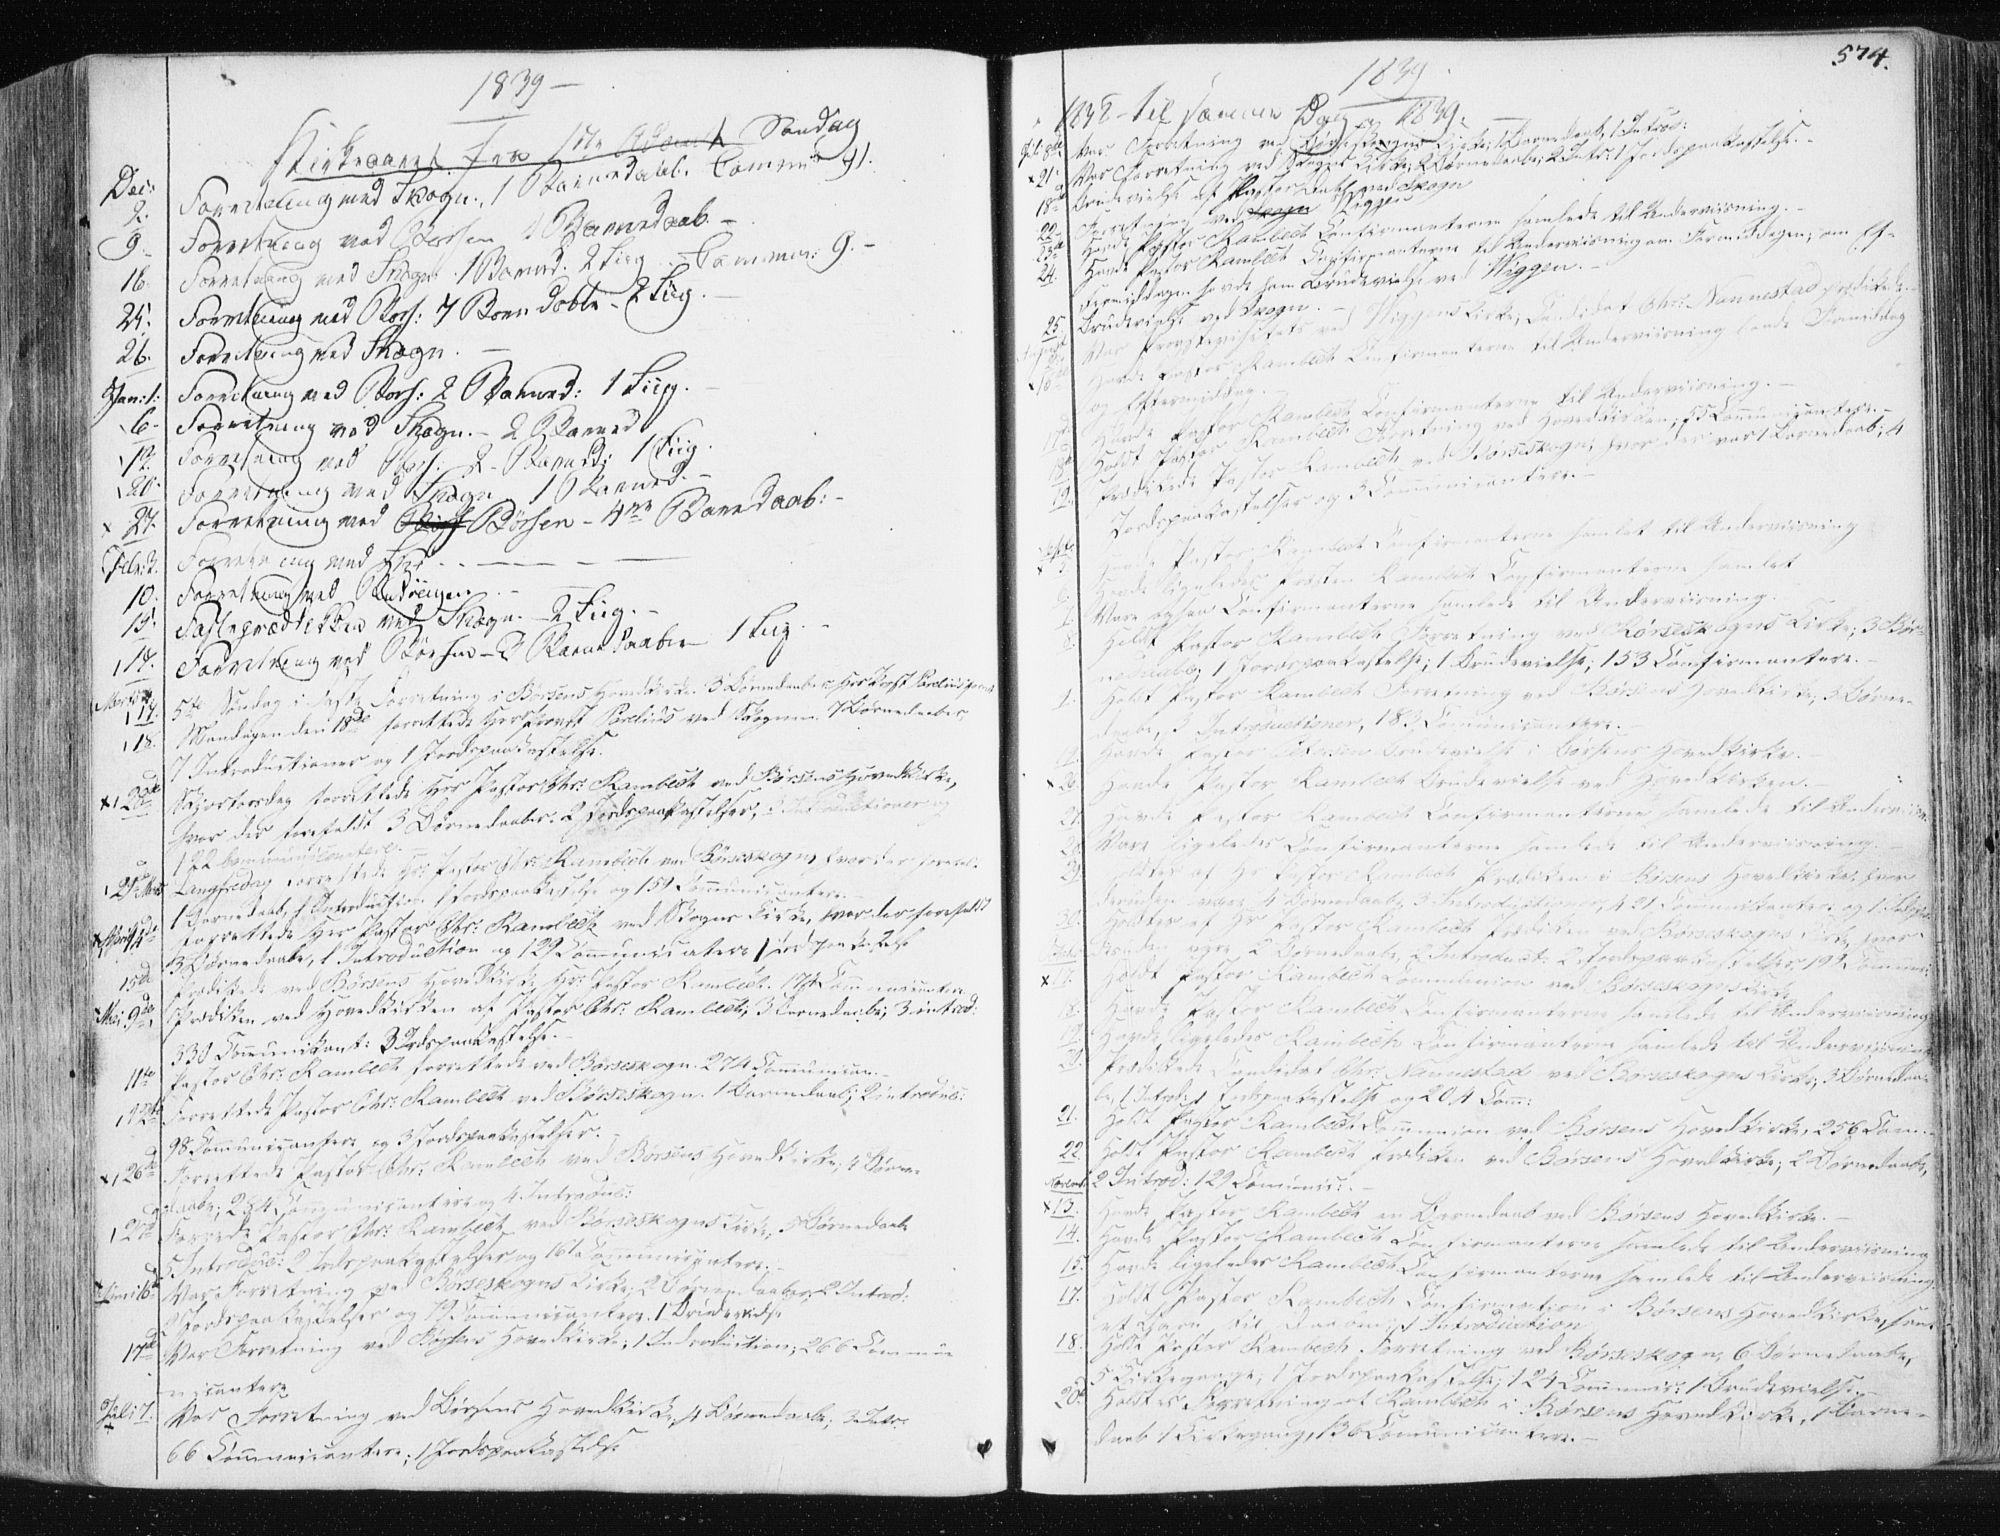 SAT, Ministerialprotokoller, klokkerbøker og fødselsregistre - Sør-Trøndelag, 665/L0771: Ministerialbok nr. 665A06, 1830-1856, s. 574